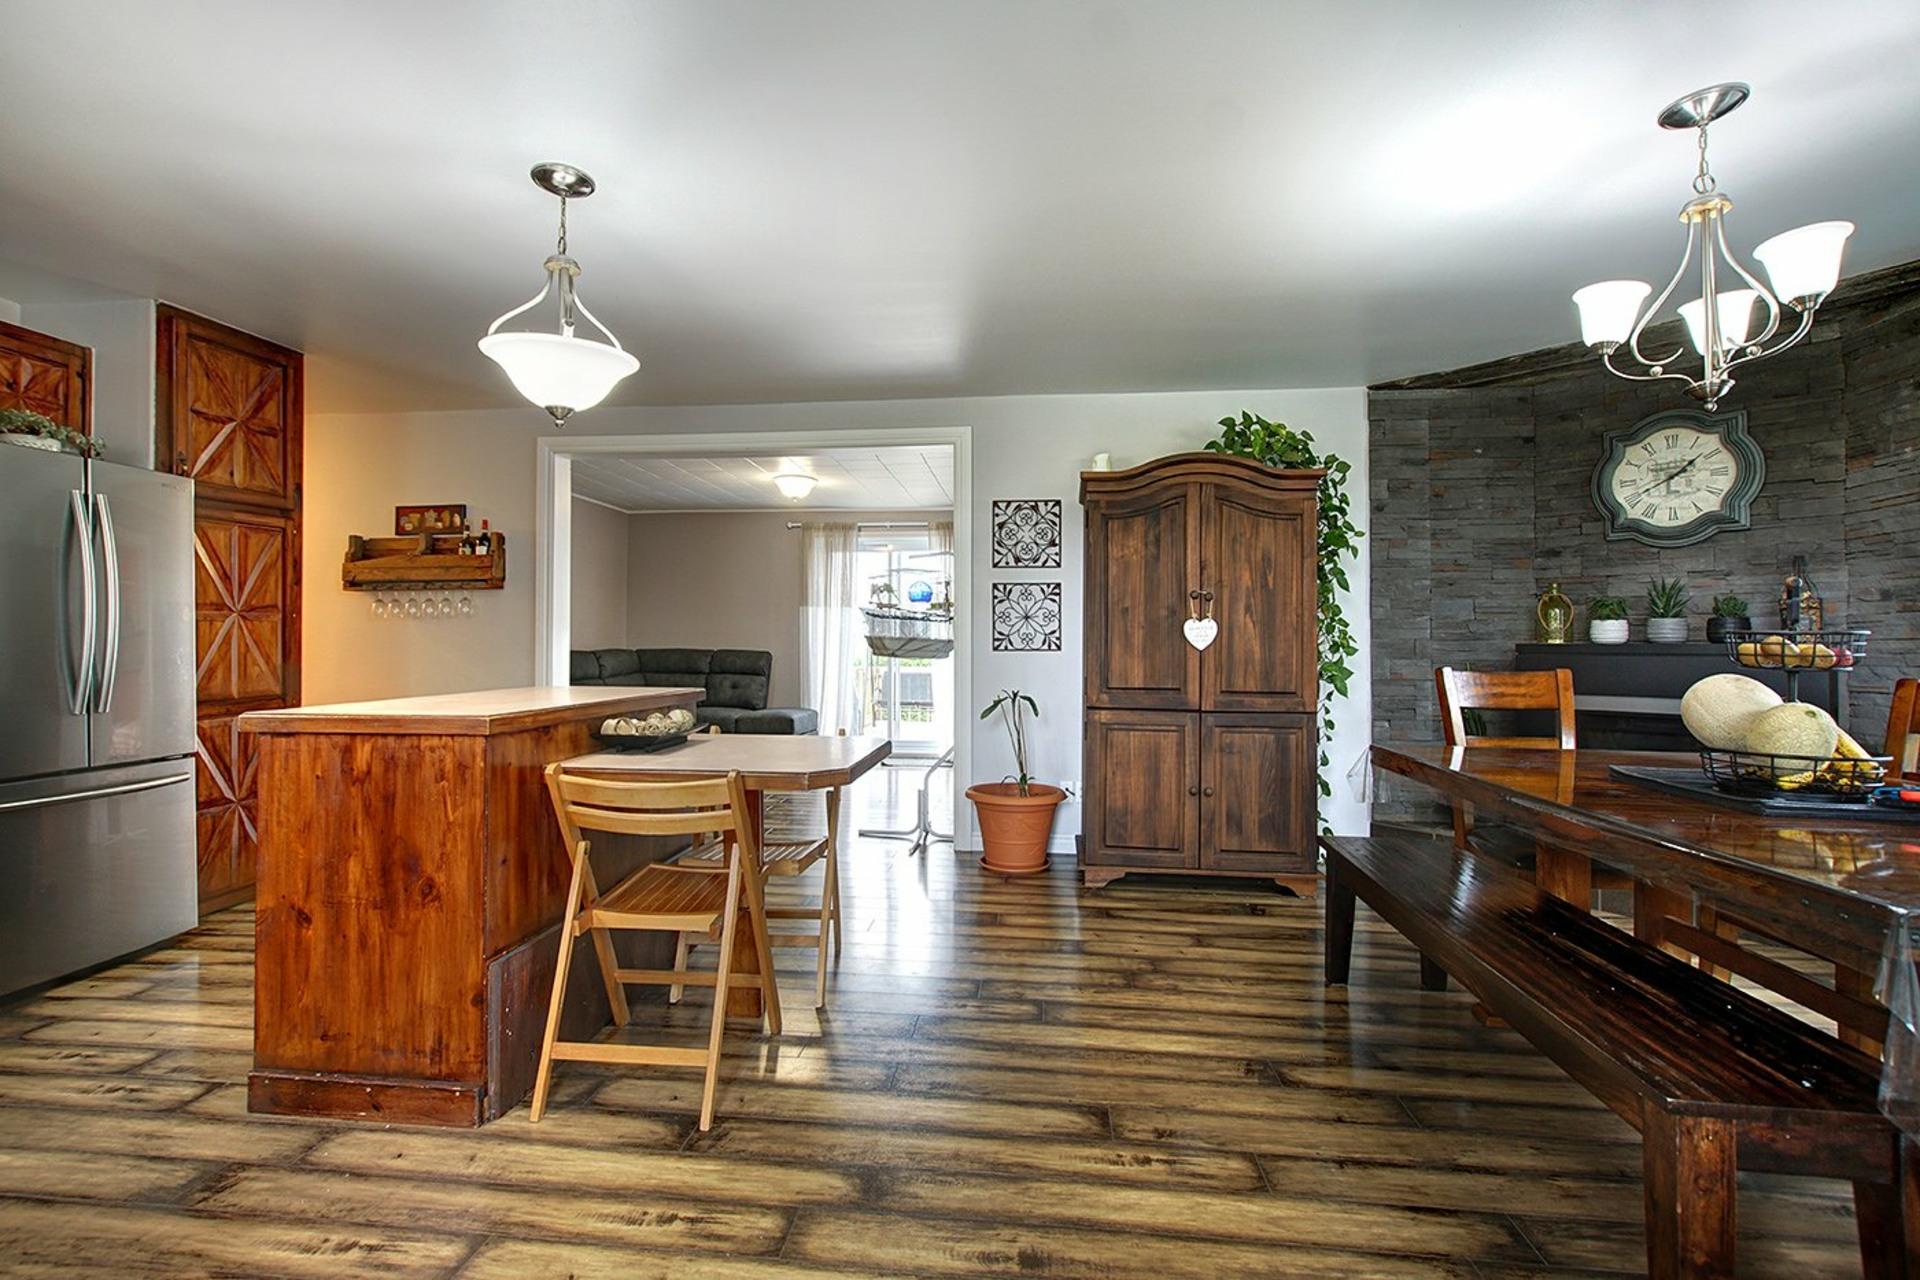 image 5 - House For sale Saint-Roch-de-l'Achigan - 8 rooms